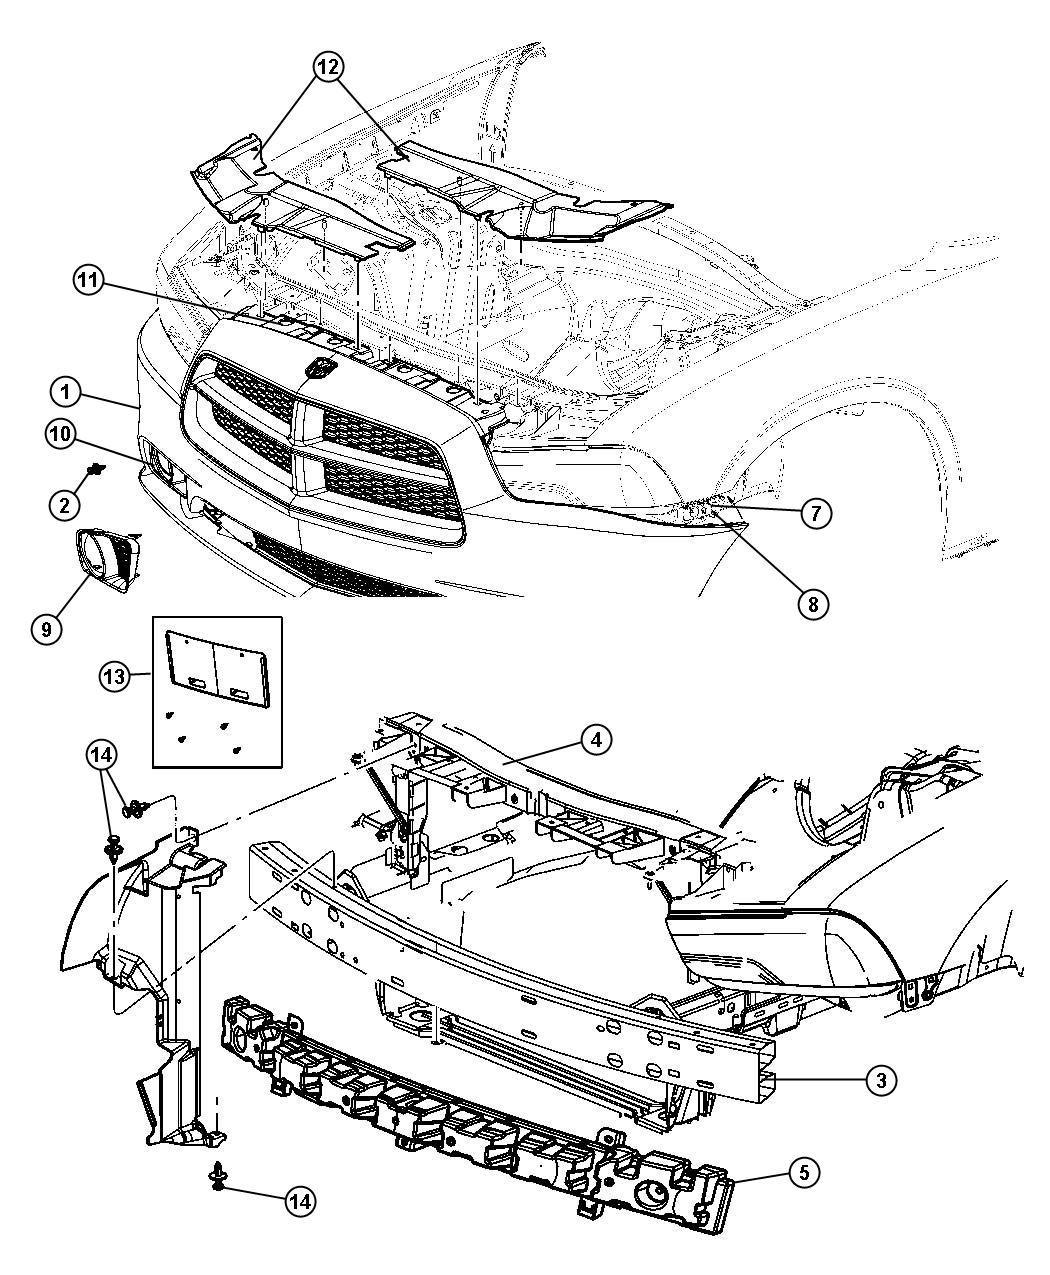 Dodge Diagram